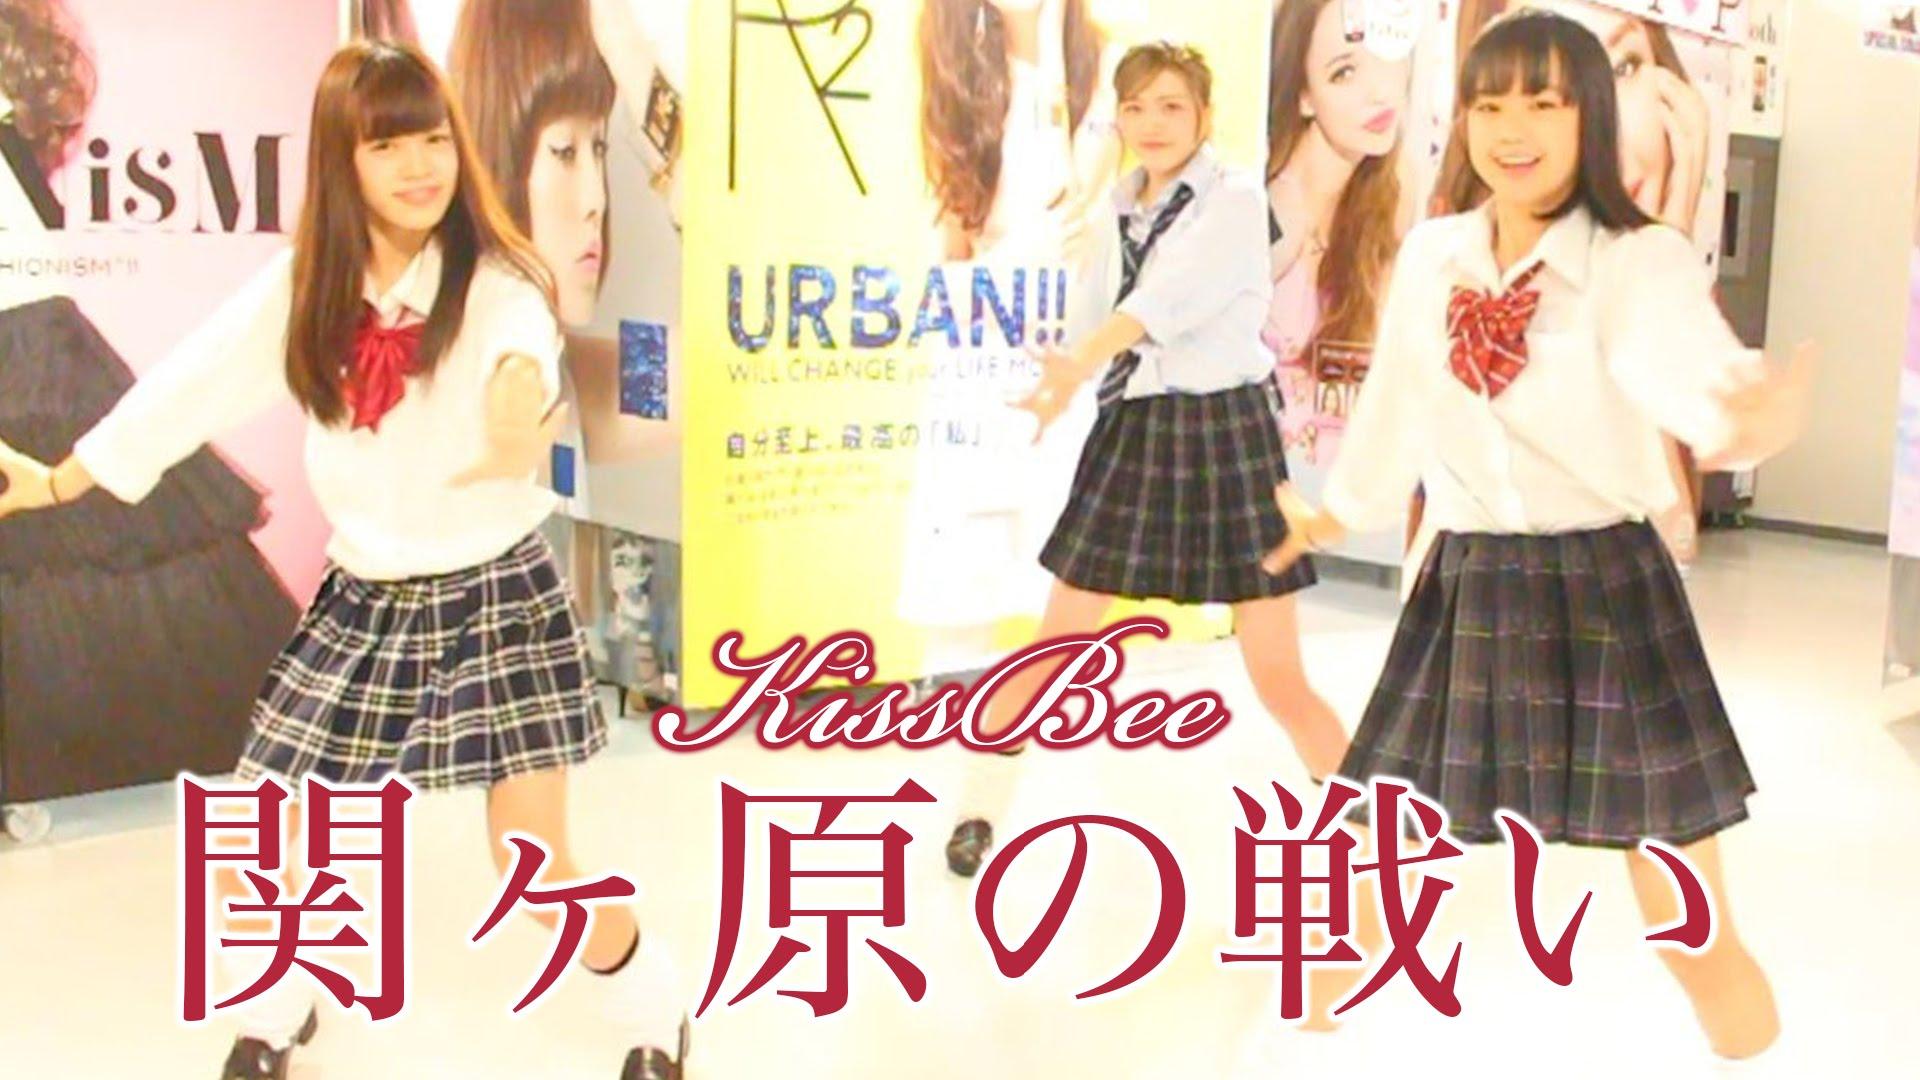 等身大美少女ユニット『KissBee』が踊ってみた!